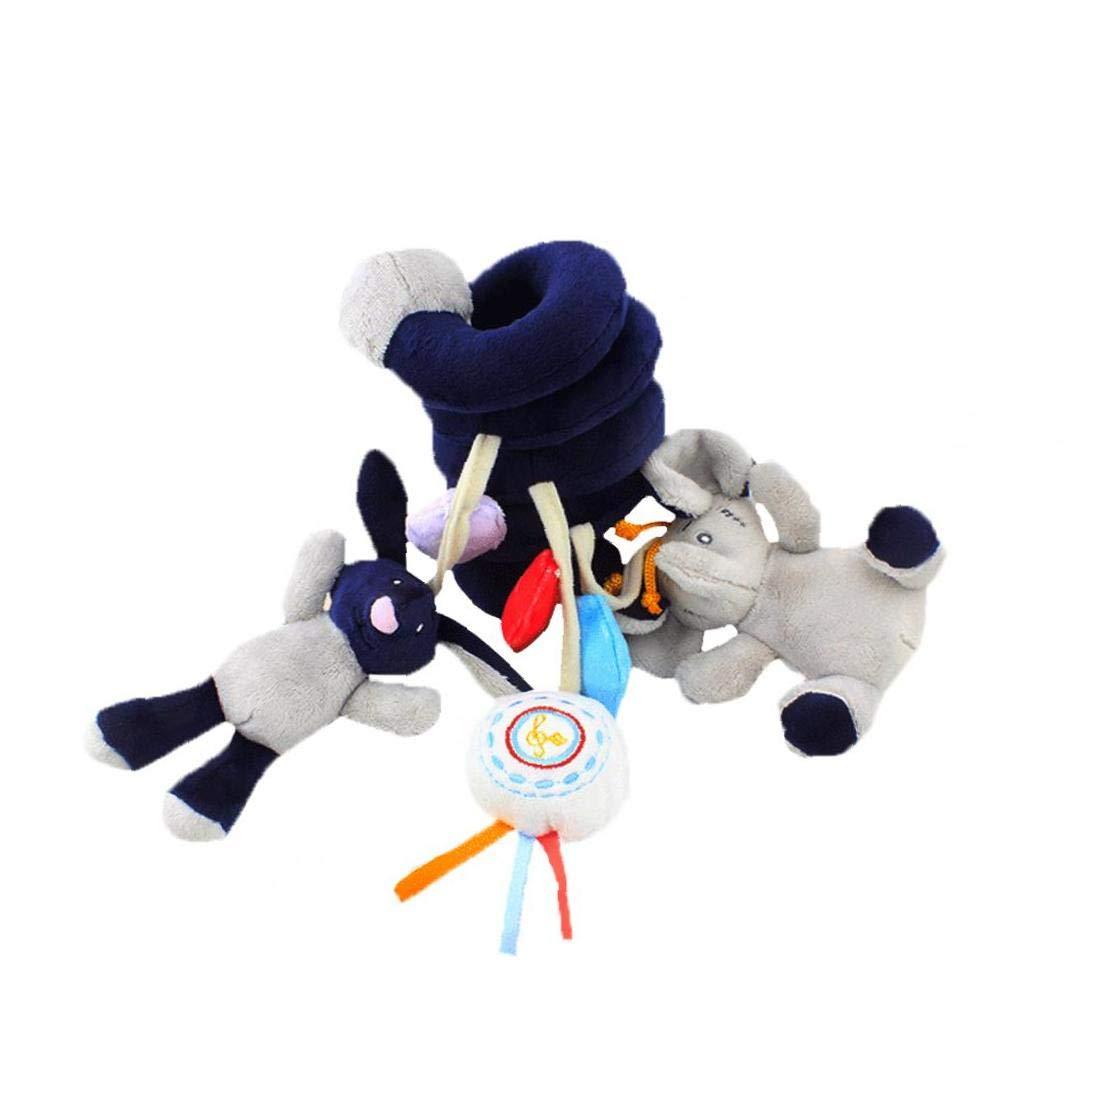 ruiting Activit/é B/éb/é Poussette Jouet en Spirale Hanging Toy avec Clochette Elephant Cartoon Poussette Arche hochets Education b/éb/é Jouet pour Si/ège dauto Lit b/éb/é 1pc